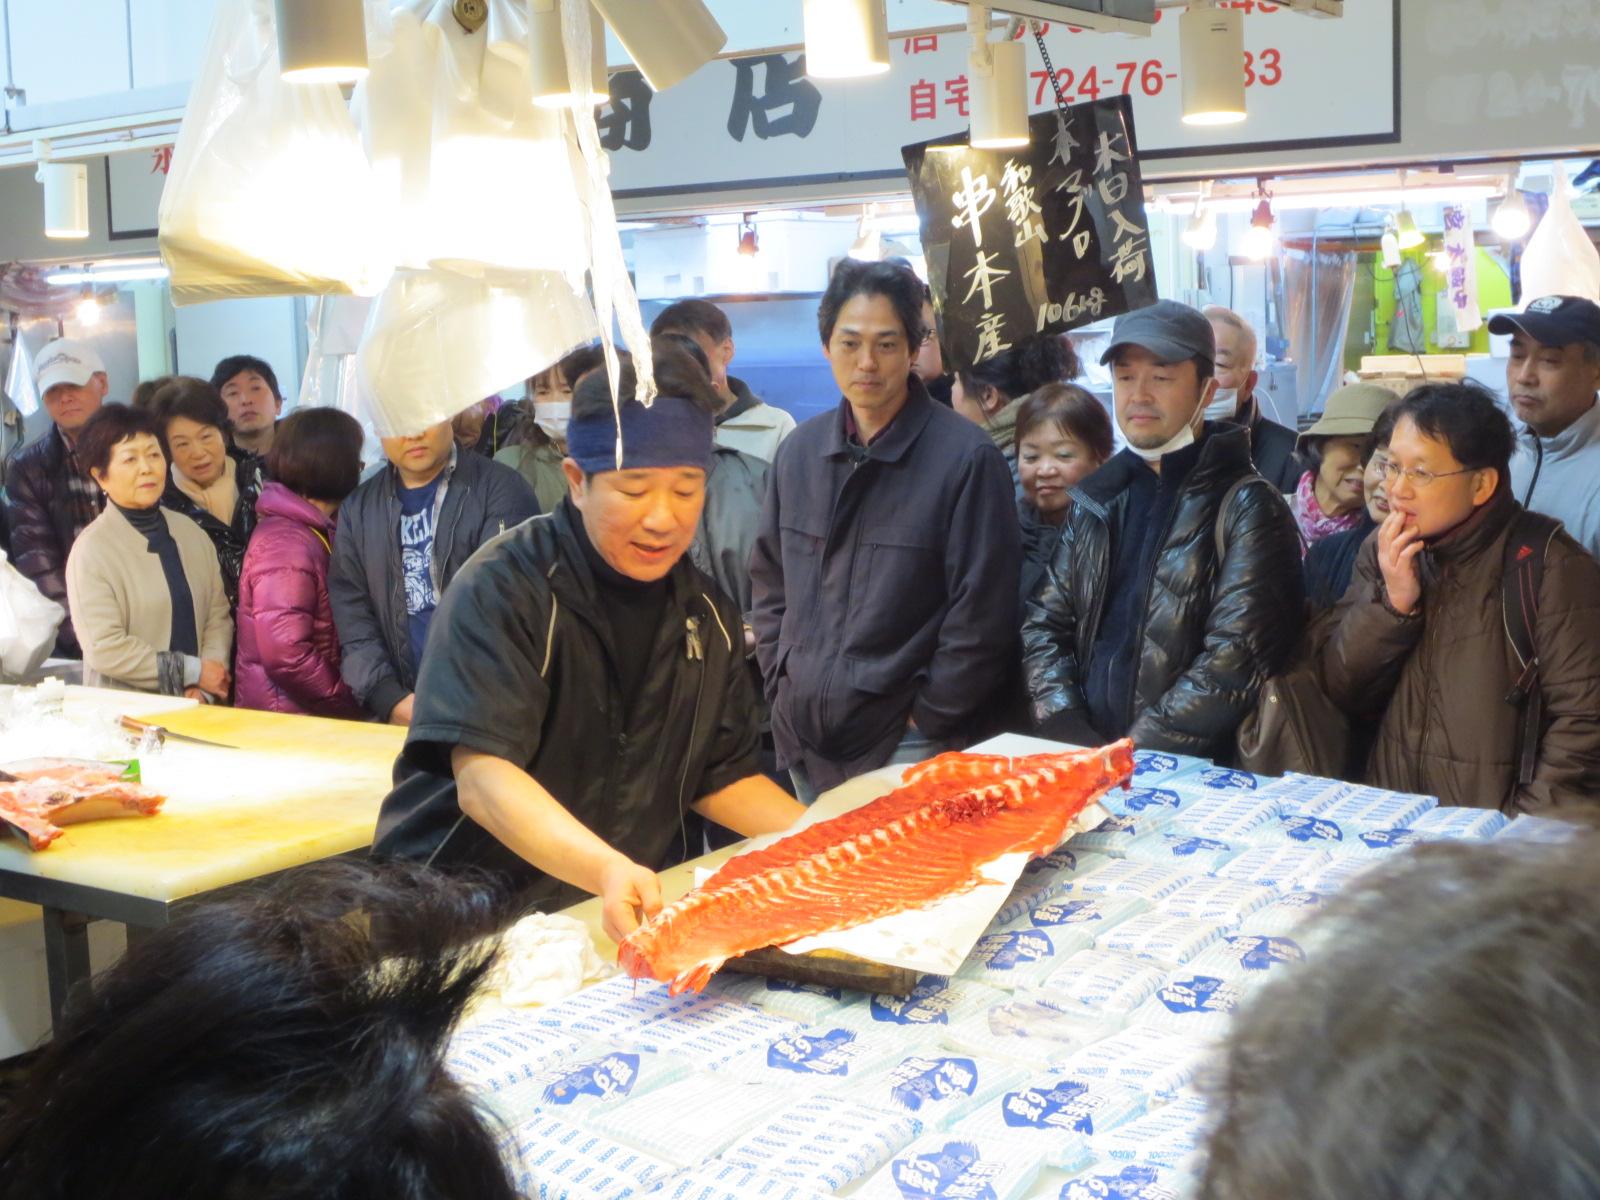 木津市場:マグロ中落ち